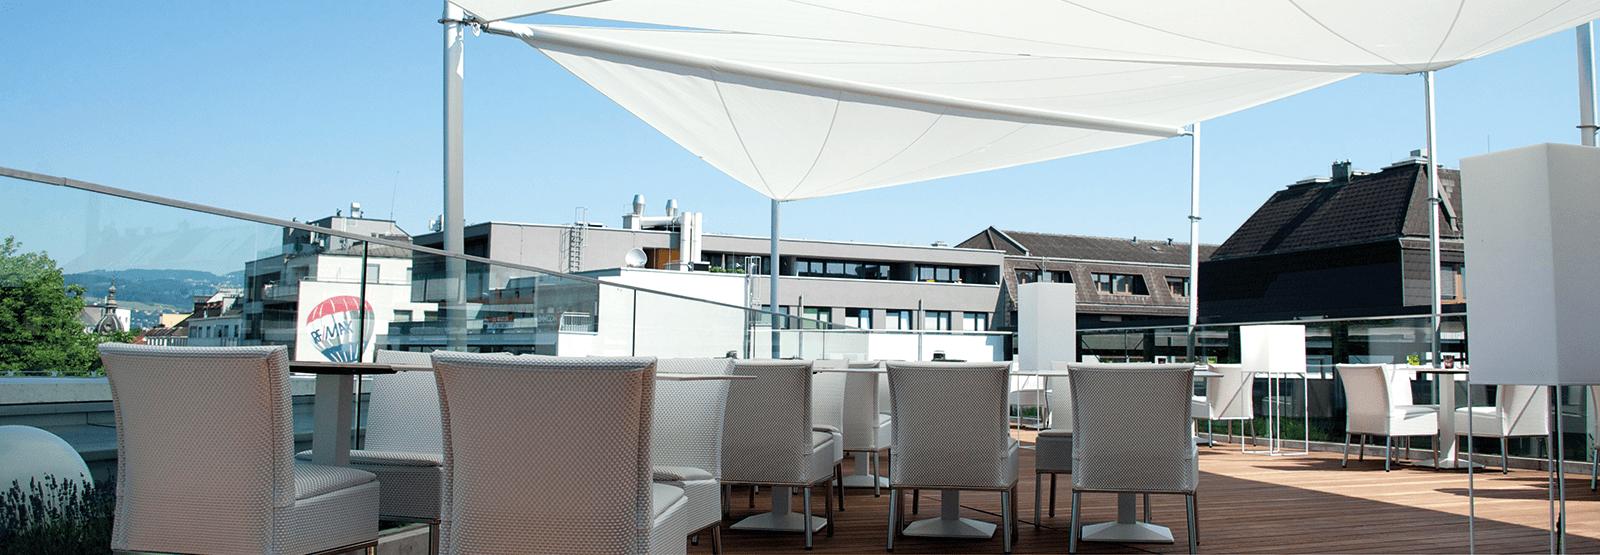 Ein Sonnensegel bietet Schatten für die Lounge auf einer Dachterrasse